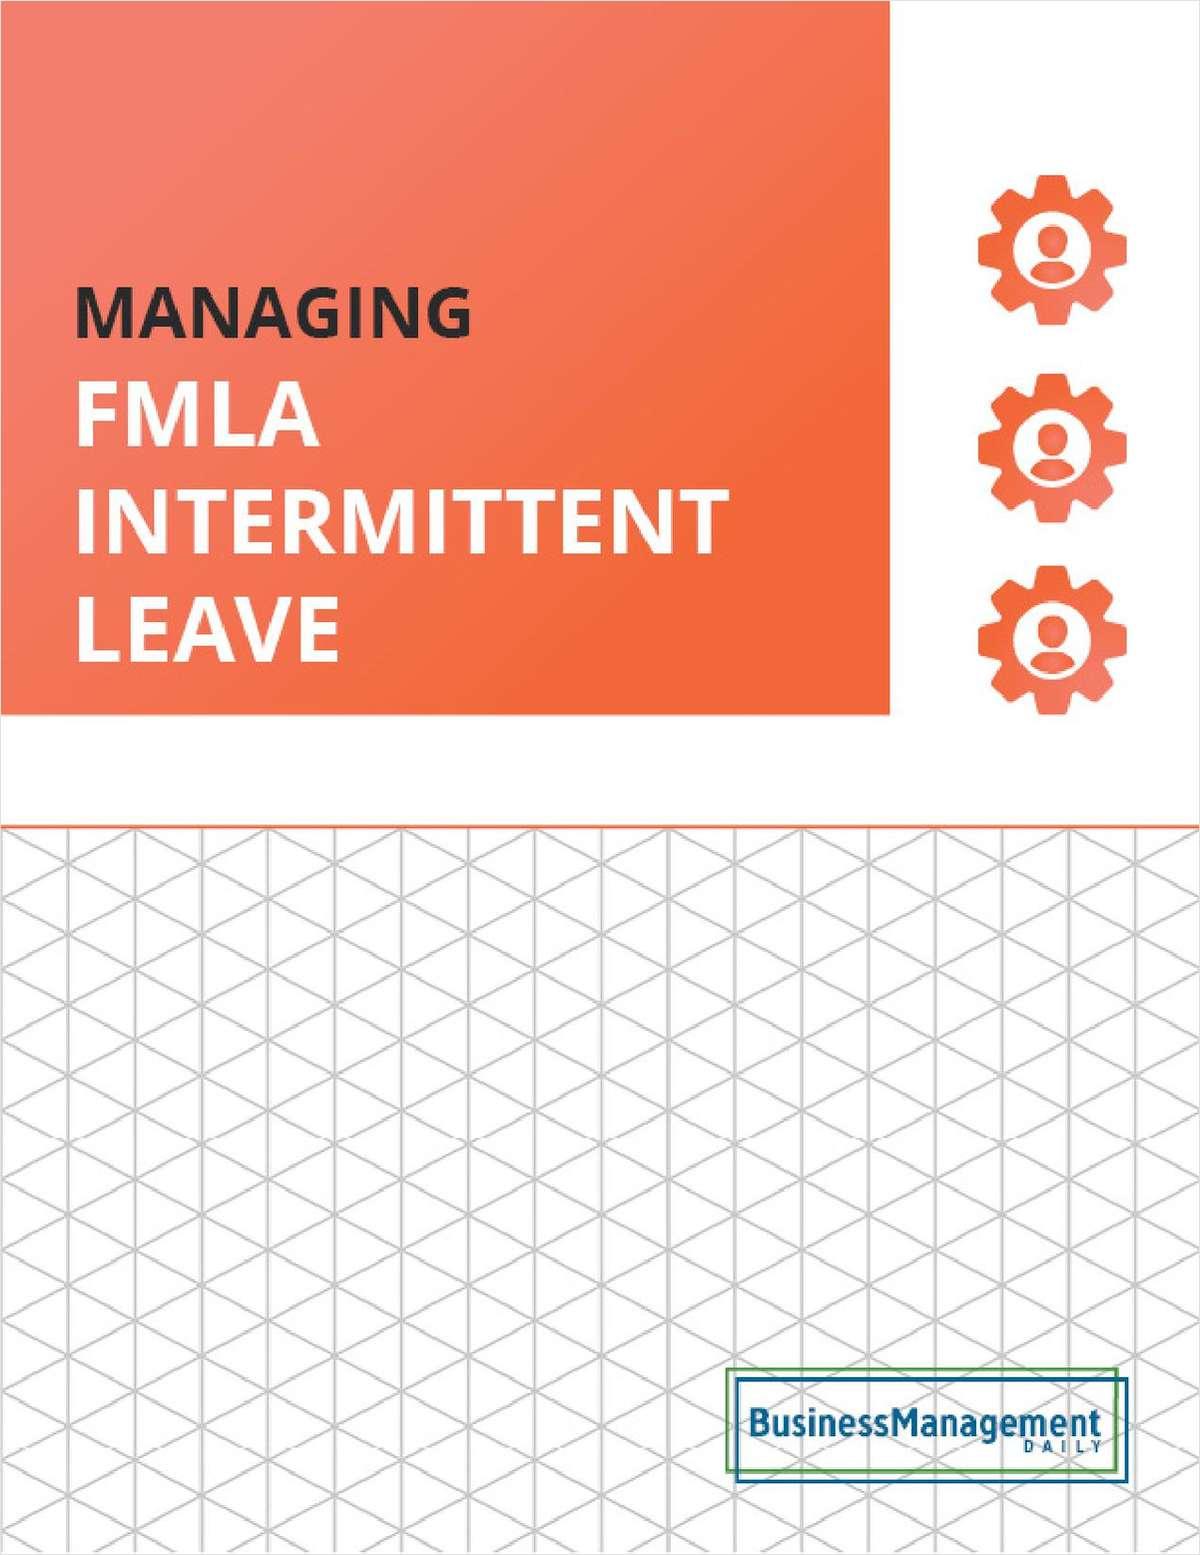 FMLA Intermittent Leave